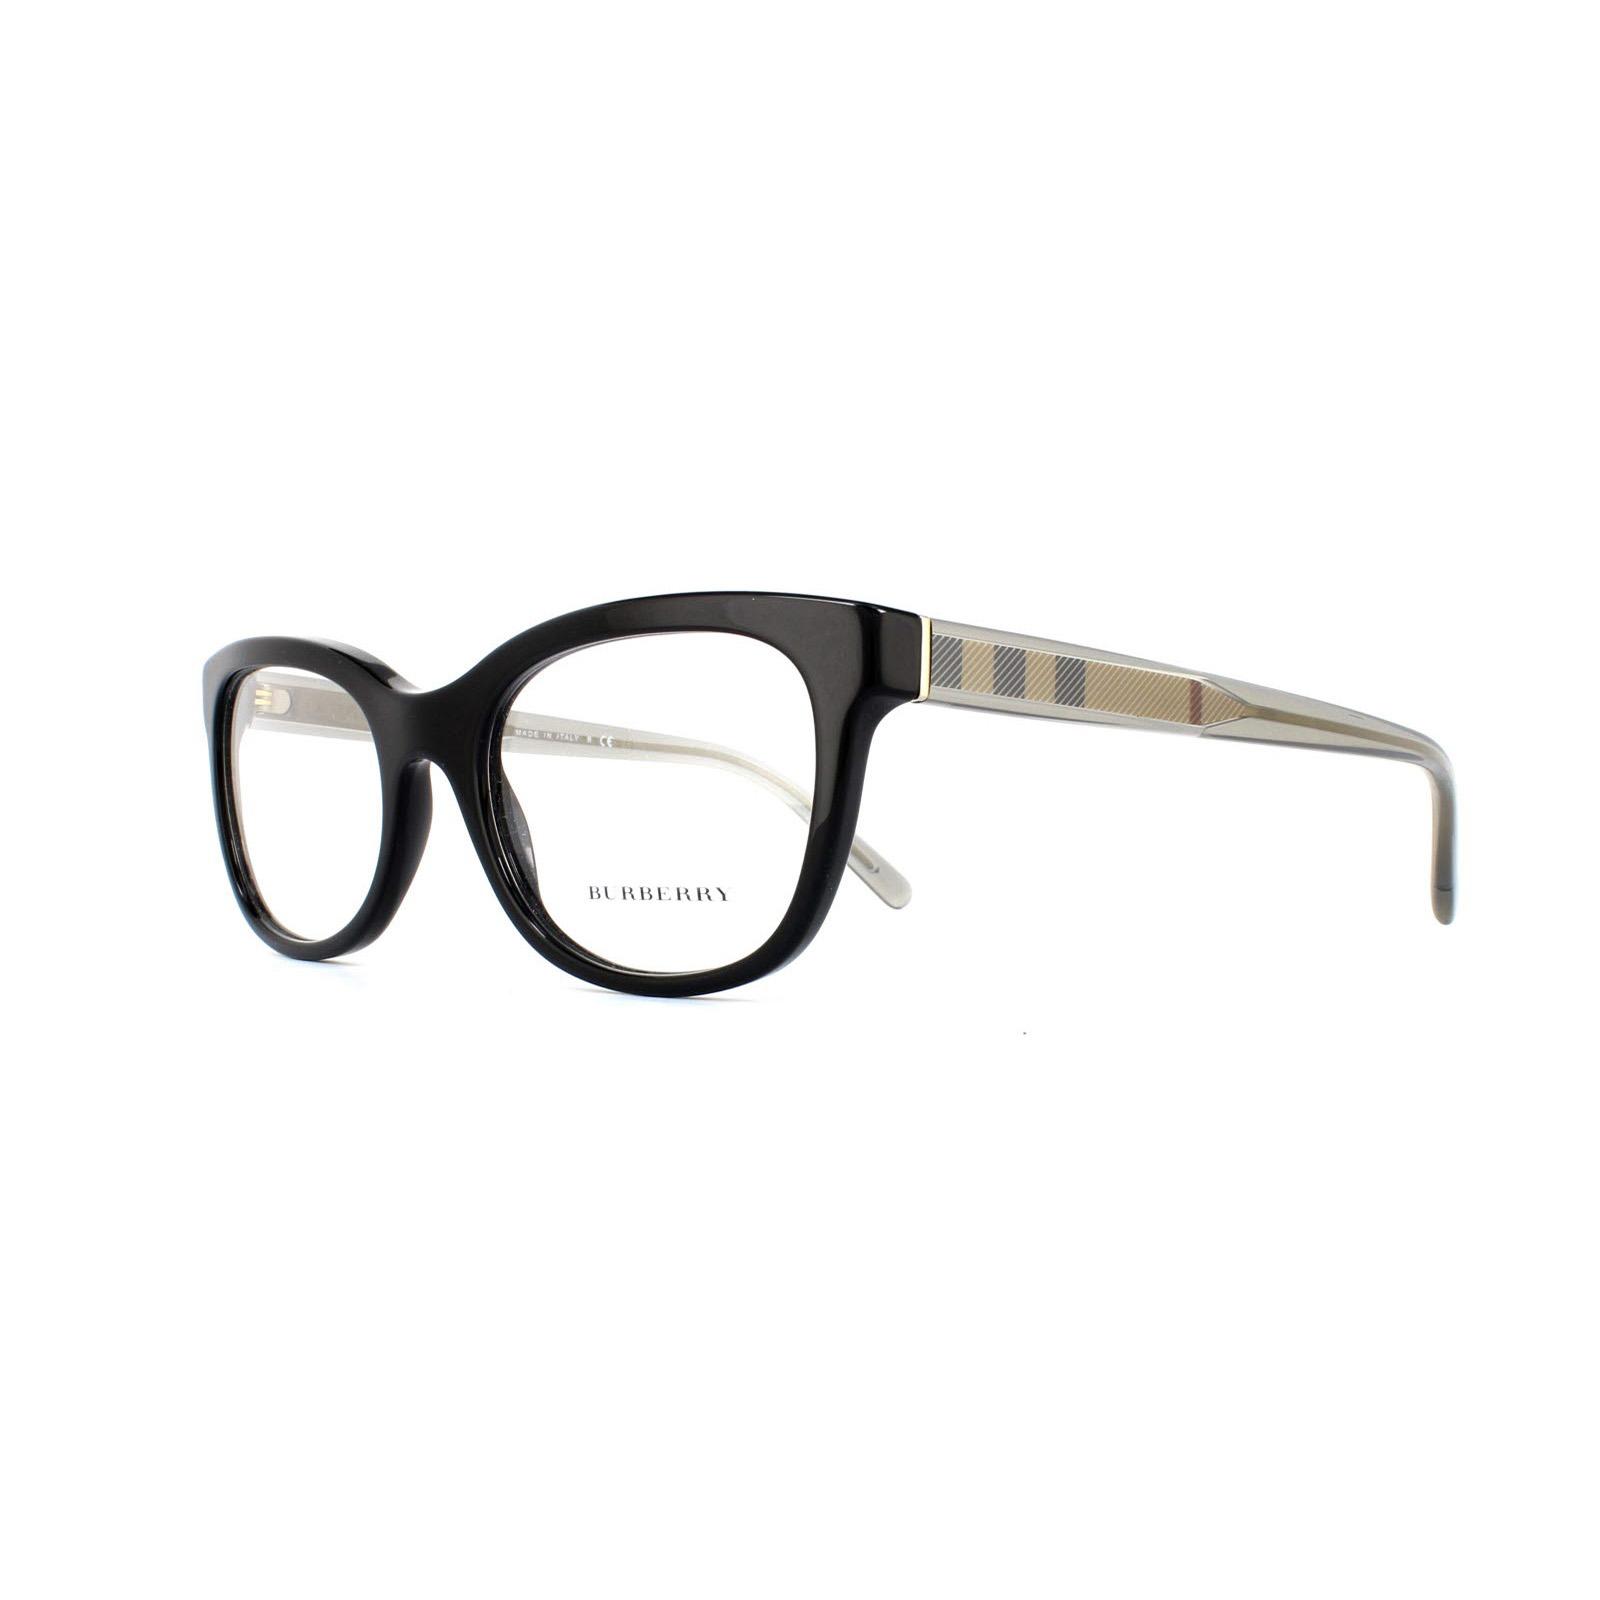 edeaea7979d Burberry Glasses Frames 2213 3001 Black 51mm Womens 8053672187410